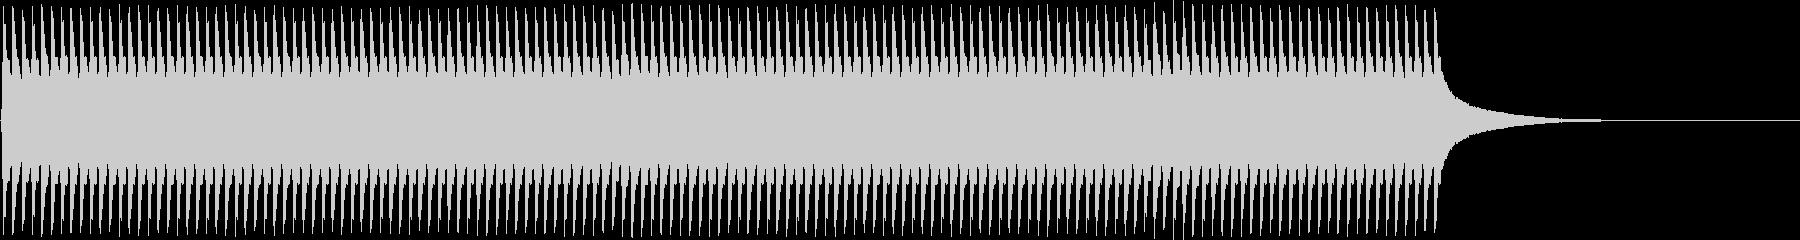 ジリリリ...。目覚まし時計の音(長め)の未再生の波形